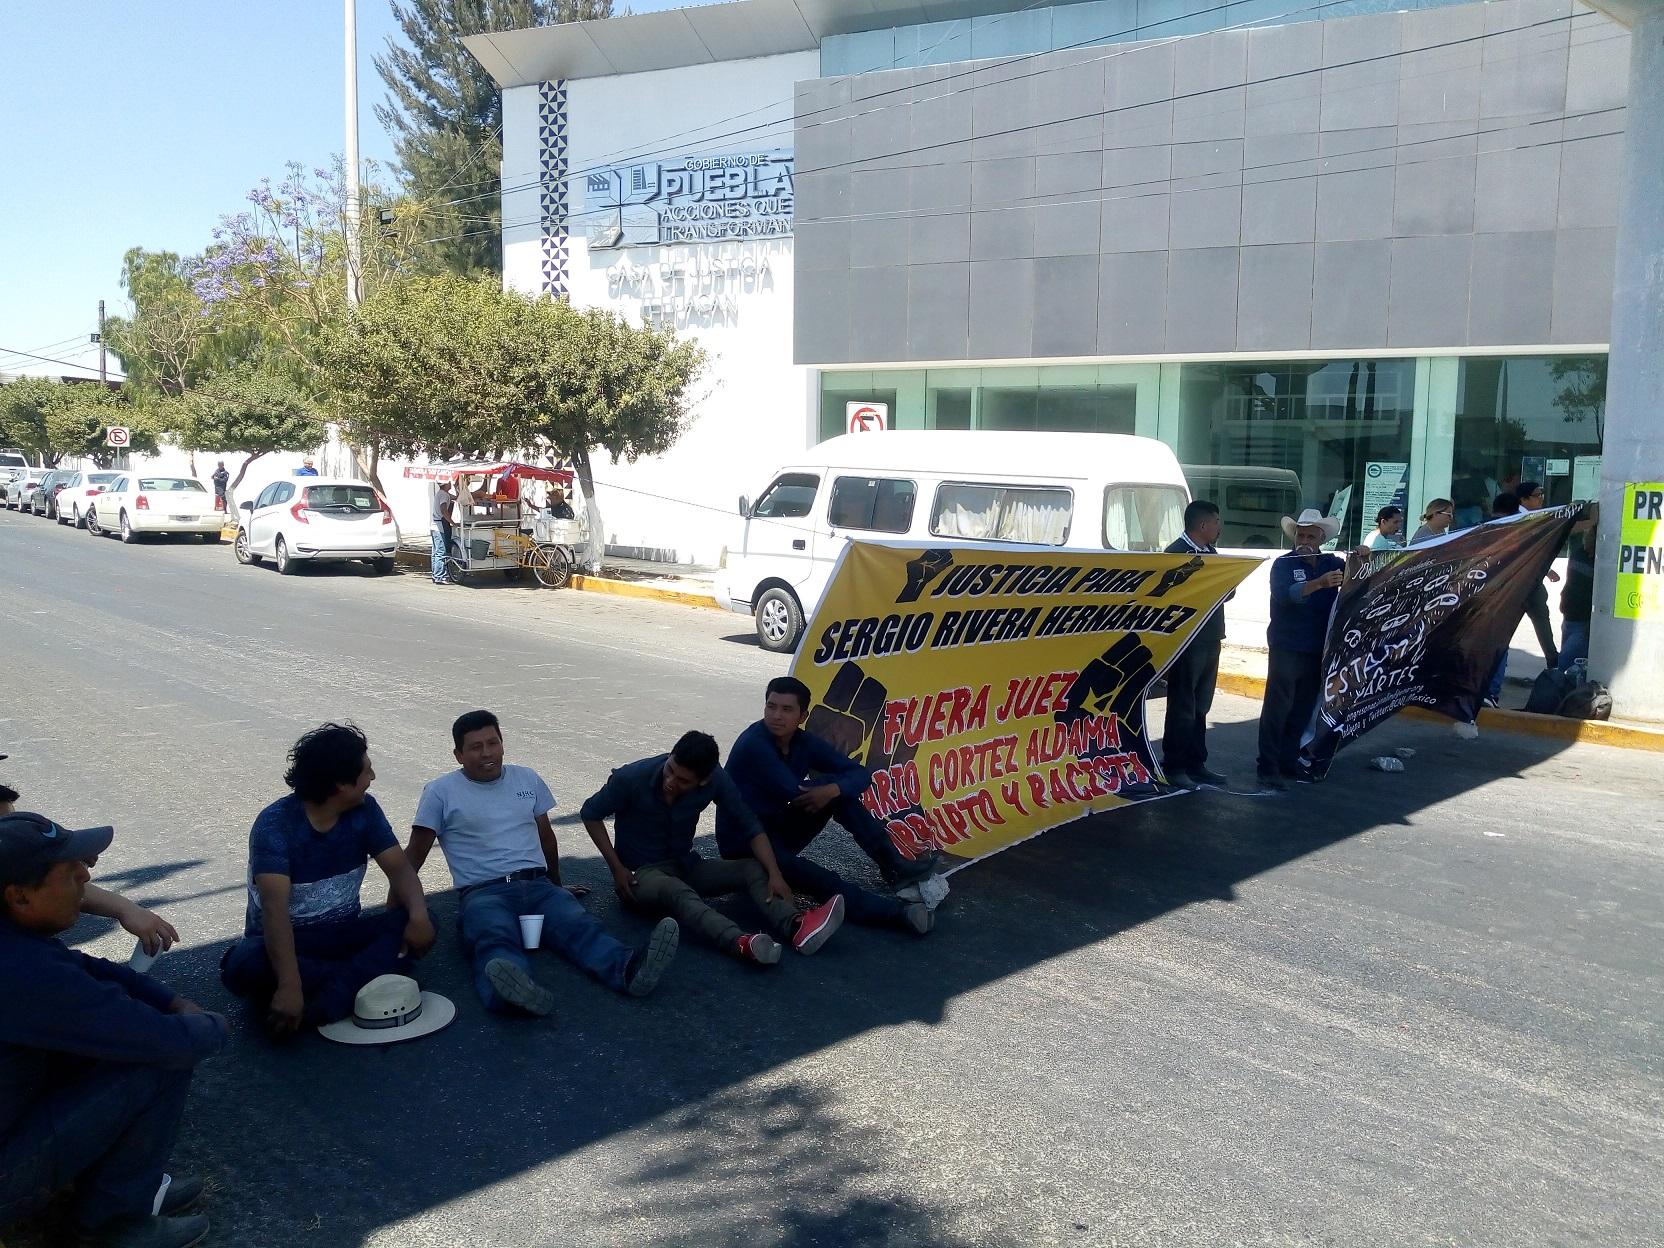 Protestan por traductor inadecuado en juicio de activista desaparecido